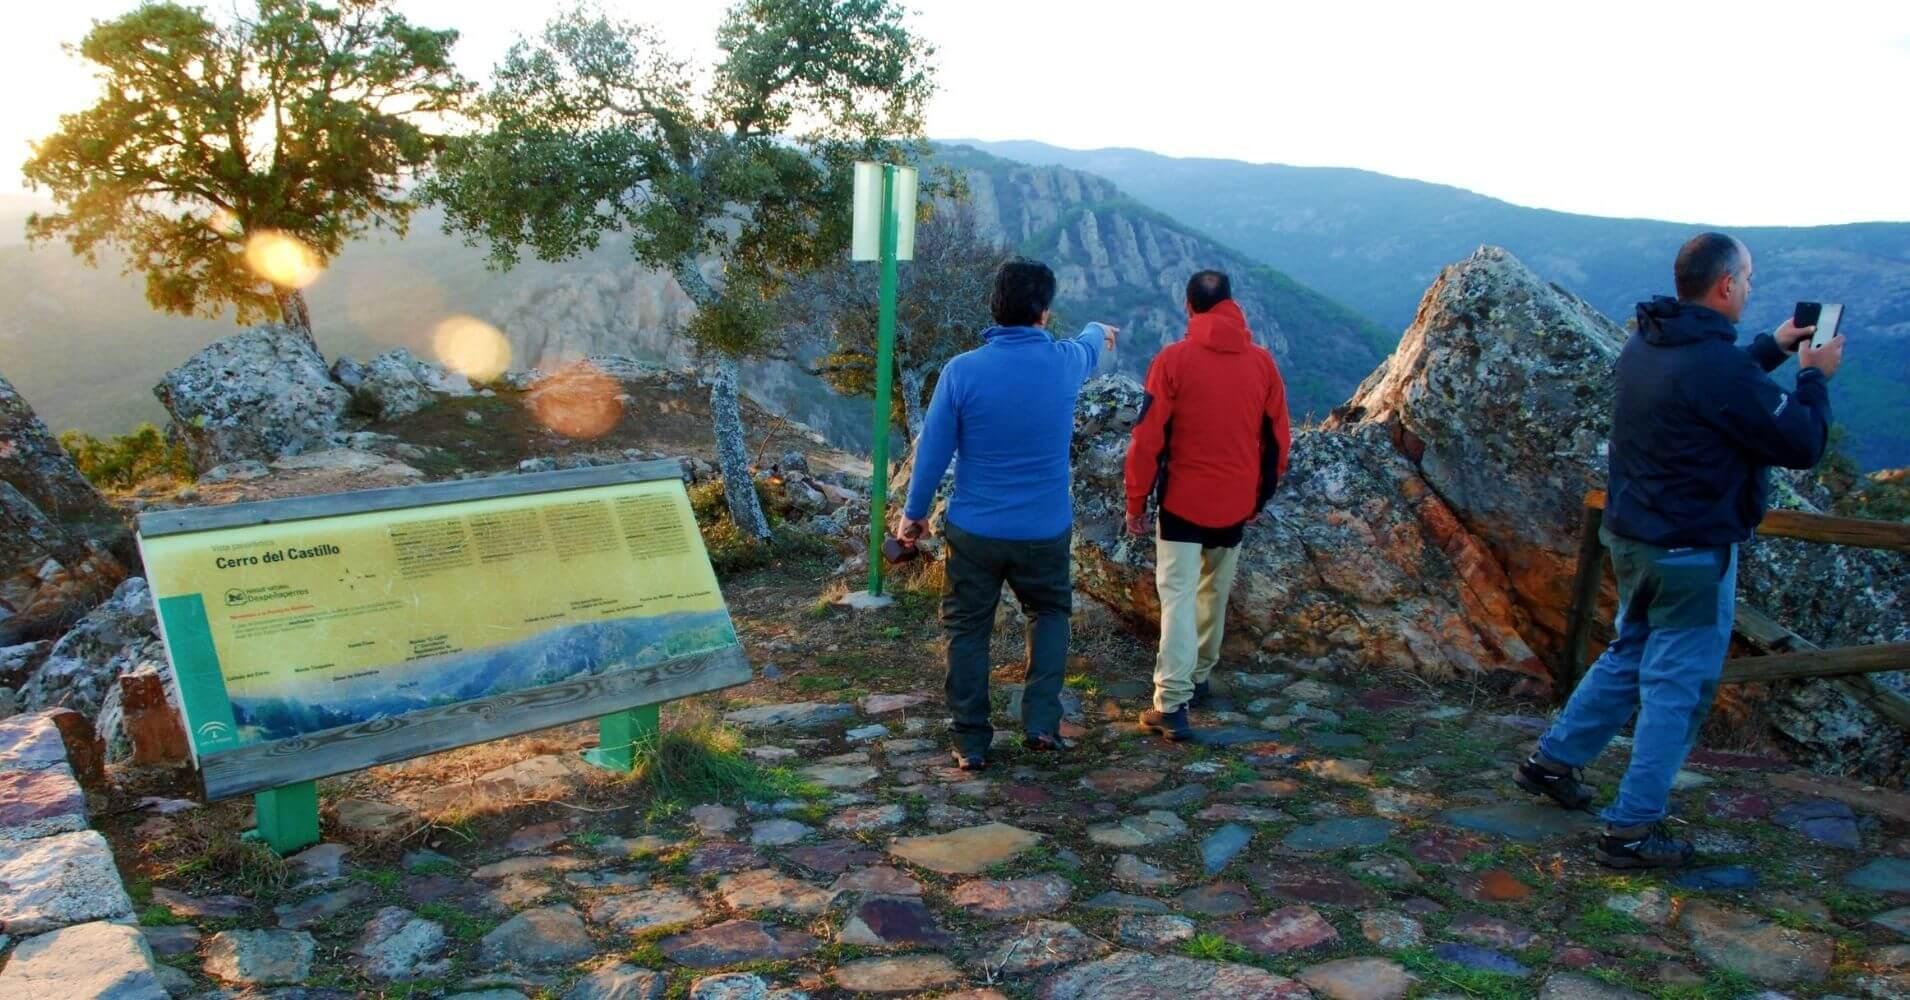 Mirador del Cerro del Castillo. Parque Natural de Despeñaperros. Jaén.